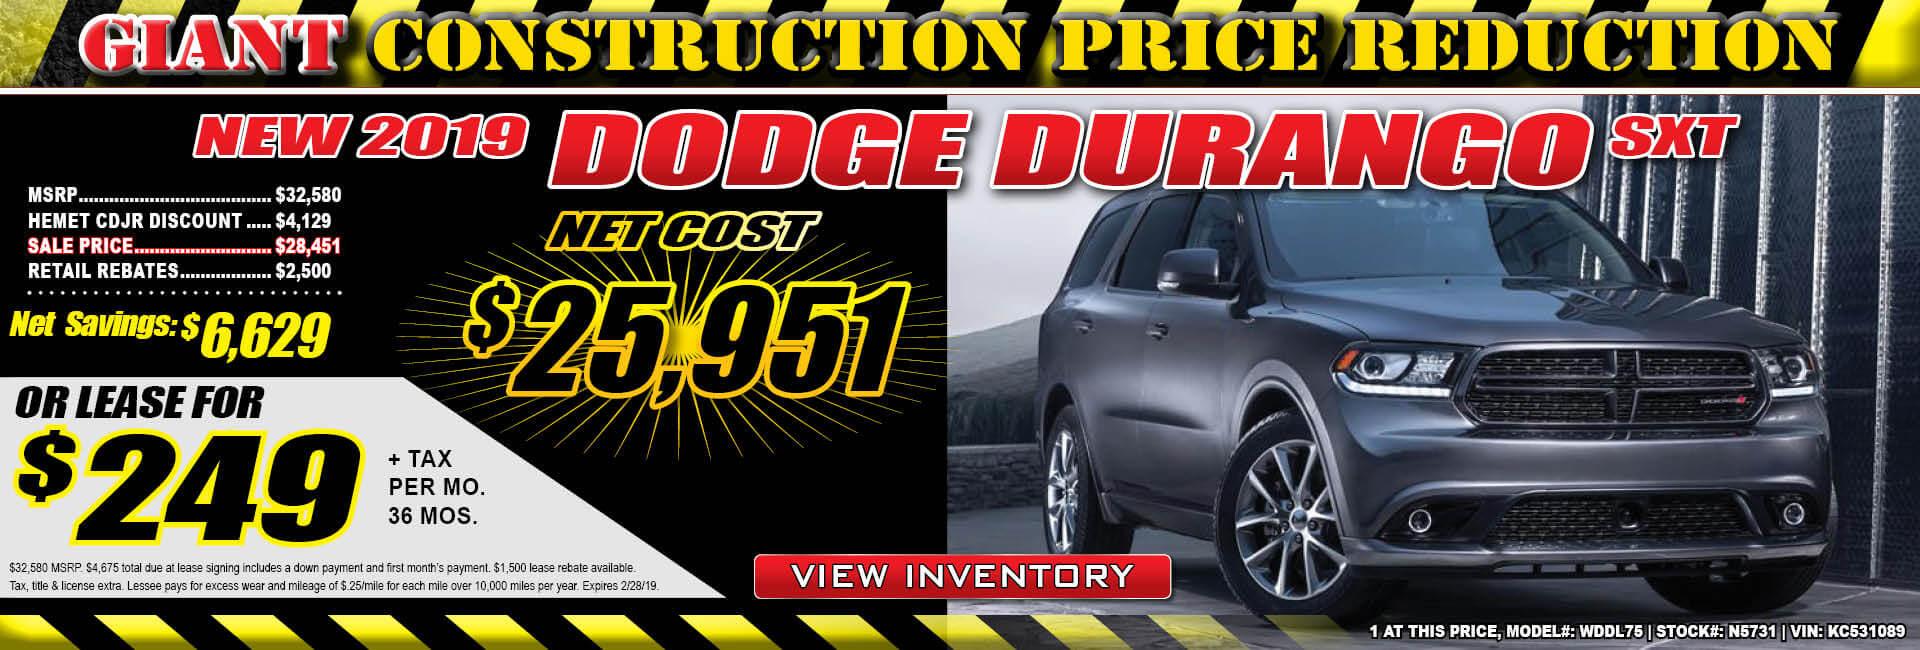 Dodge Durango $249 Lease